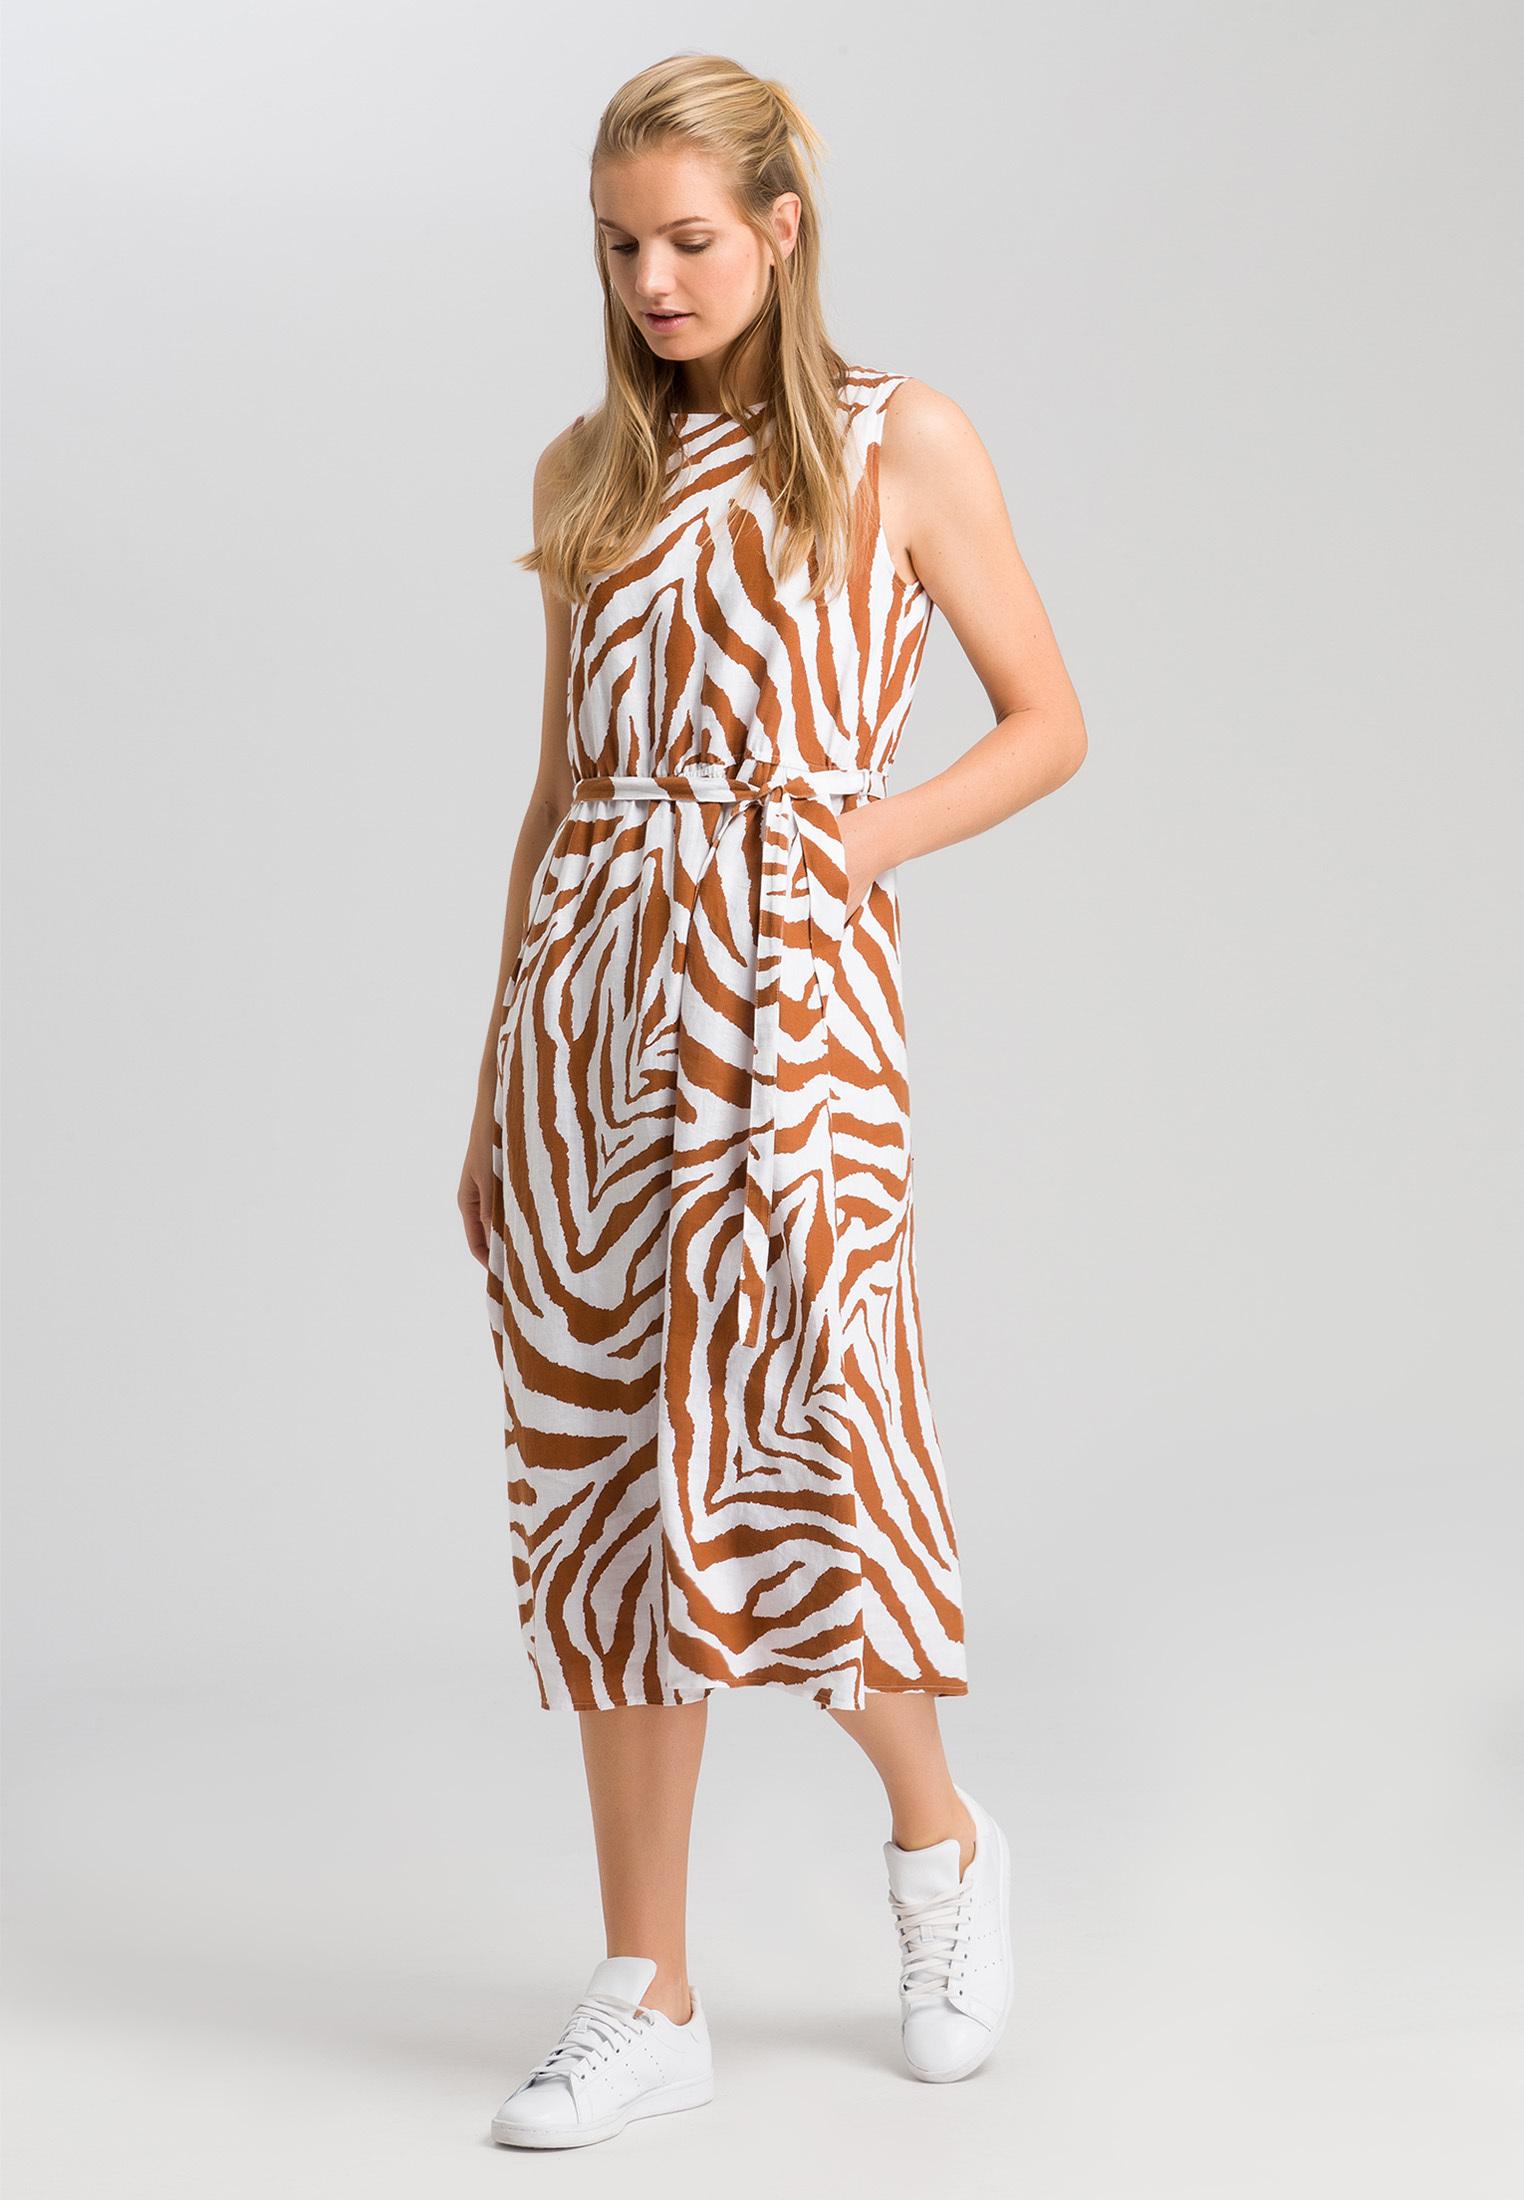 Artikel klicken und genauer betrachten! - Ein Hoch auf den Animal-Print! Das ärmellose Kleid feiert das zeitlose Muster in der getigerten Version. Ein klassischer Rundhalsausschnitt bildet die Grundlage für das Design, während der abnehmbare Gürtel gemeinsam mit der modischen Taillennaht für feminine Akzente sorgt. Mit einem Paar stylisher Sneakers ist das Outfit komplett. | im Online Shop kaufen